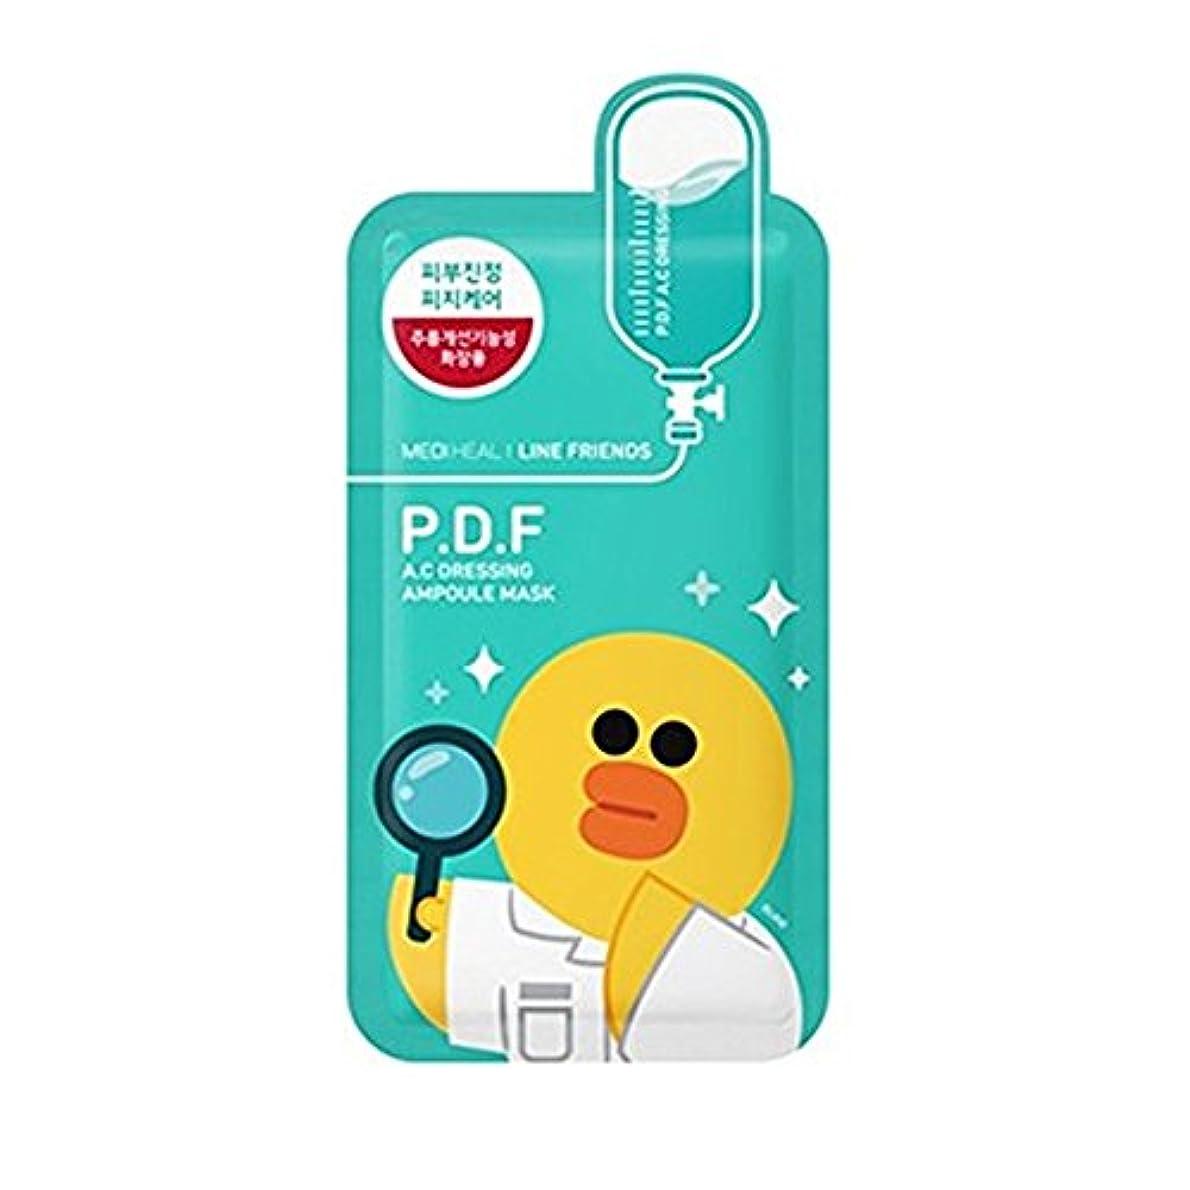 削る魔術薄い(3 Pack) MEDIHEAL Line Friends P.F.D. A.C. Dressing Ampoule Mask (並行輸入品)